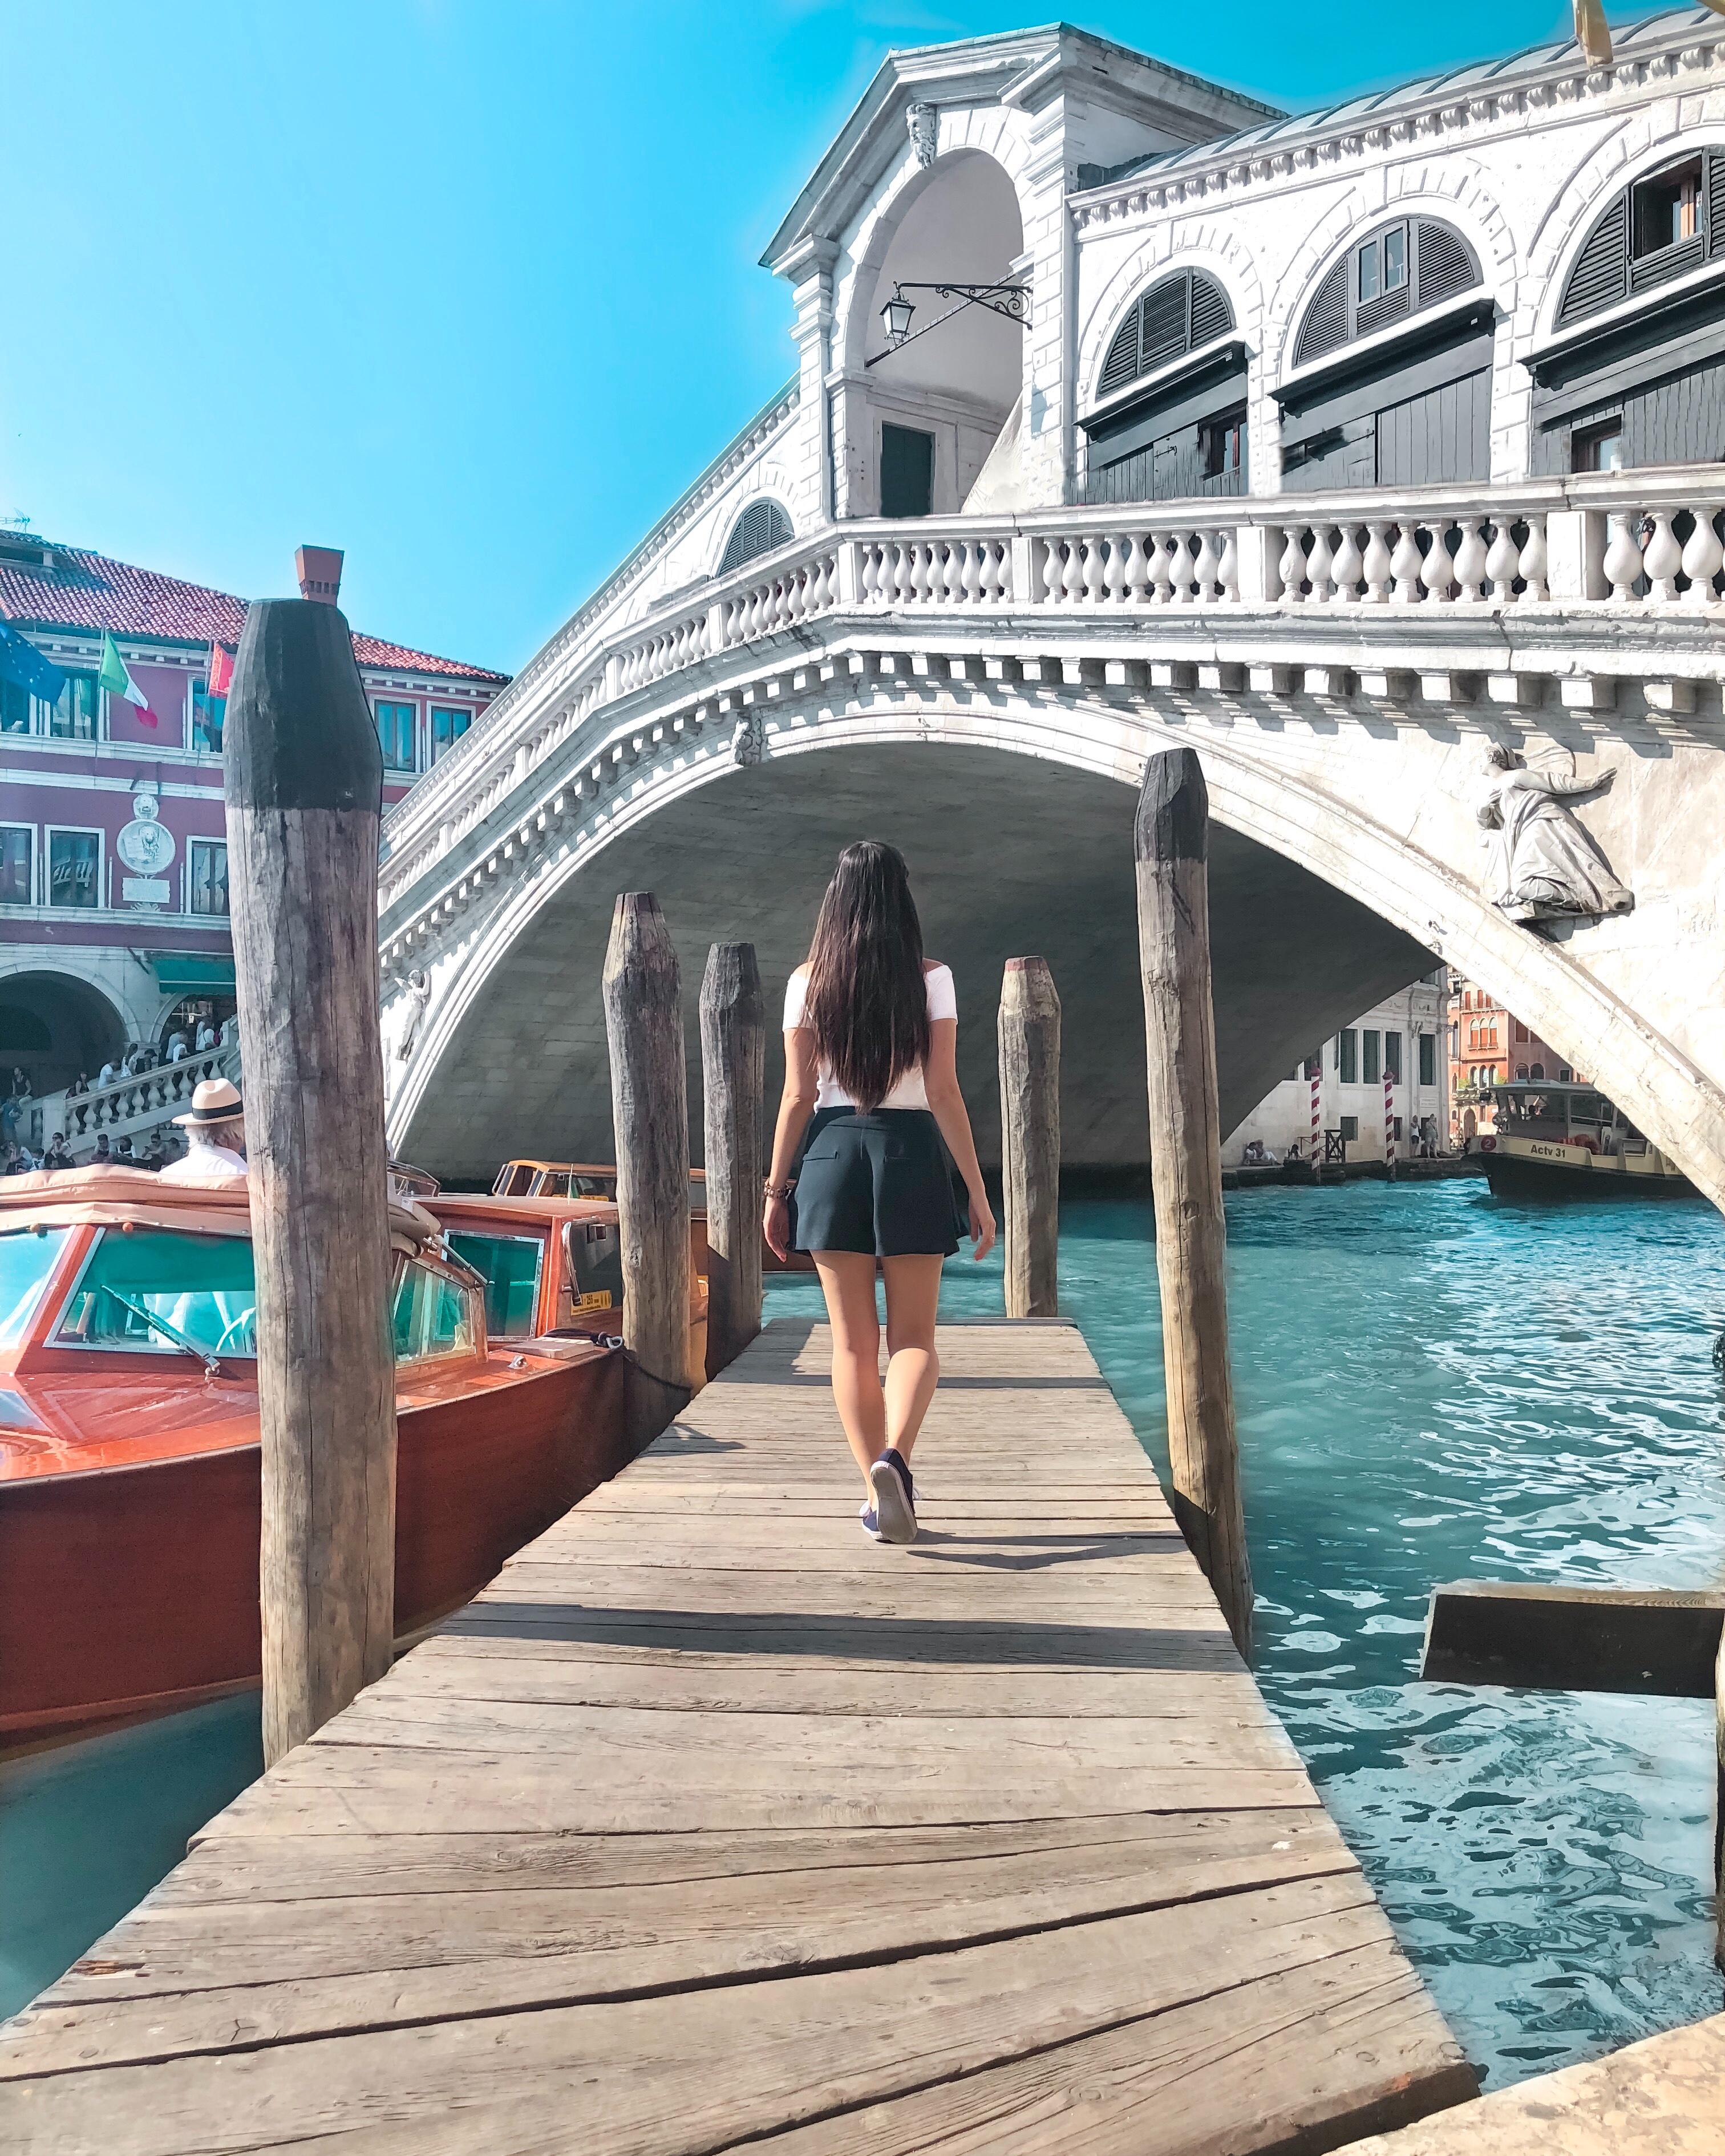 Prendre de jolies photos à Venise malgré la foule de touristes, c'est possible.